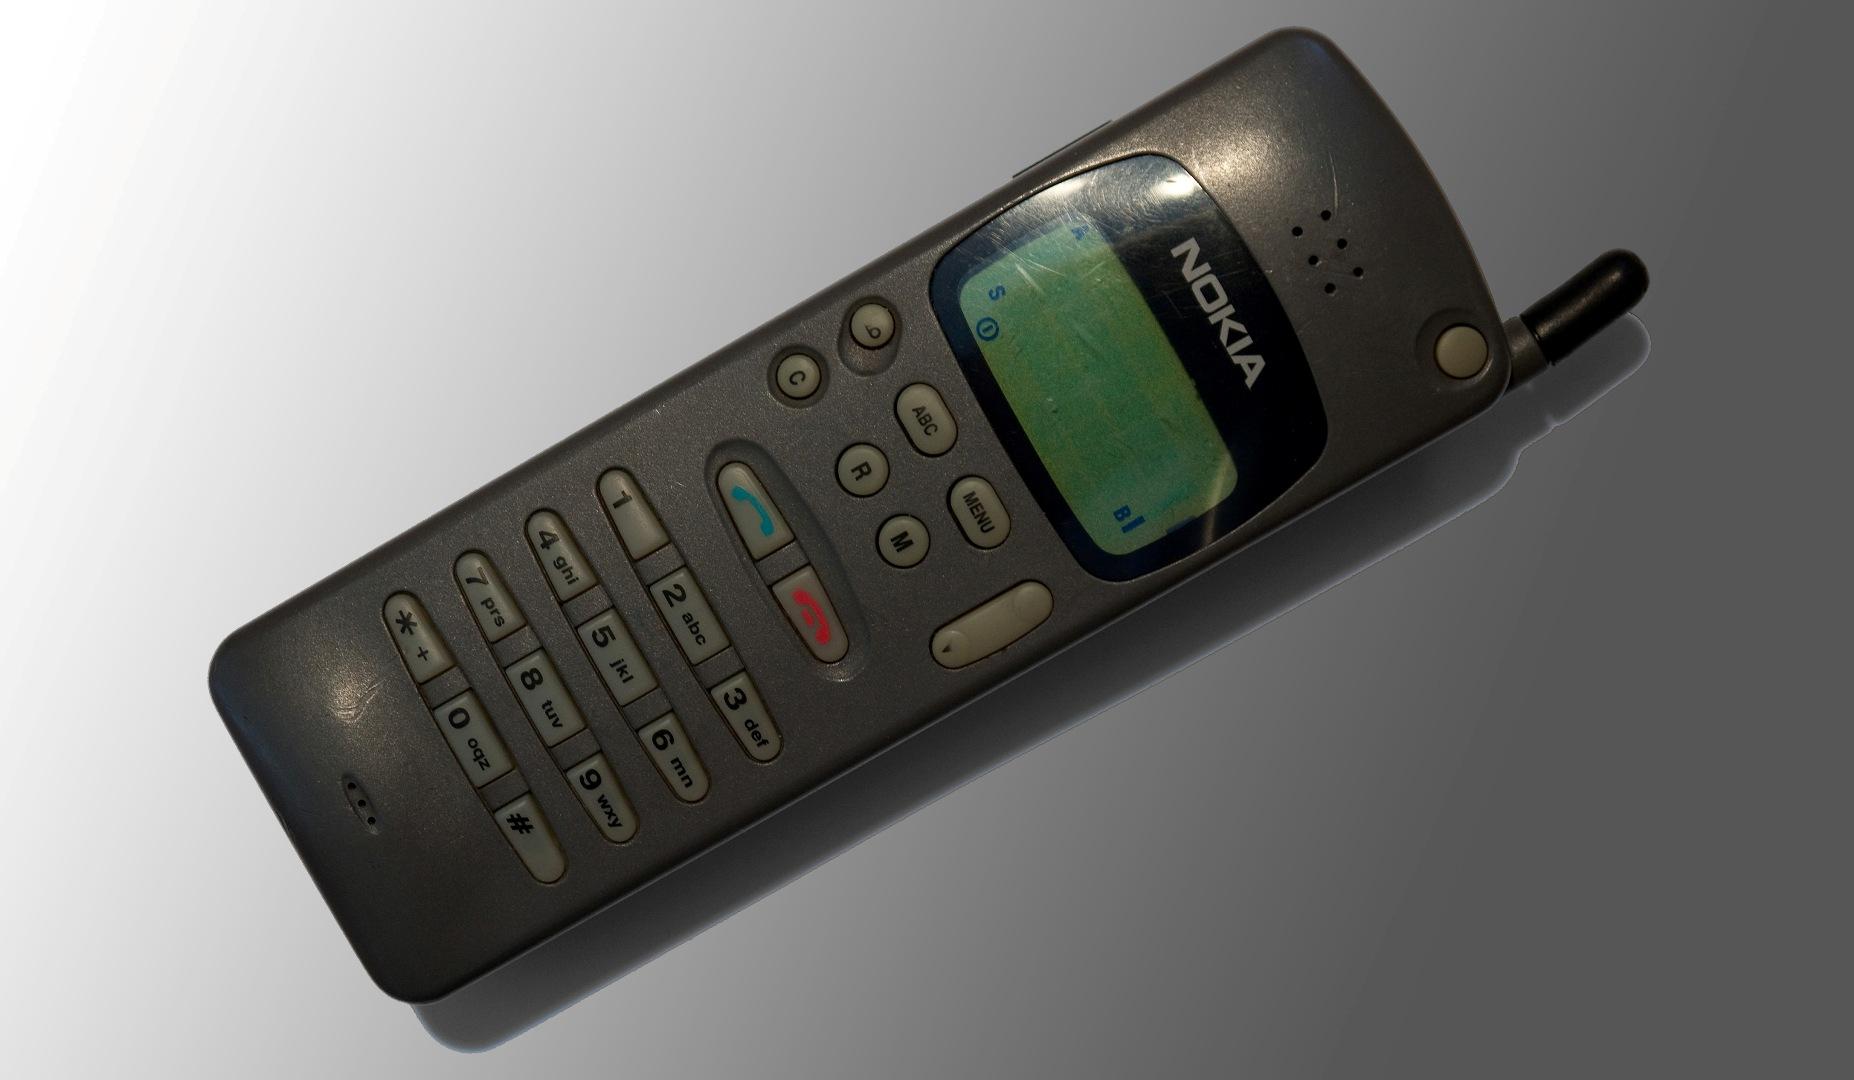 8 Ponsel Jadul Nokia 2010 Bakal Dihidupkan Kembali